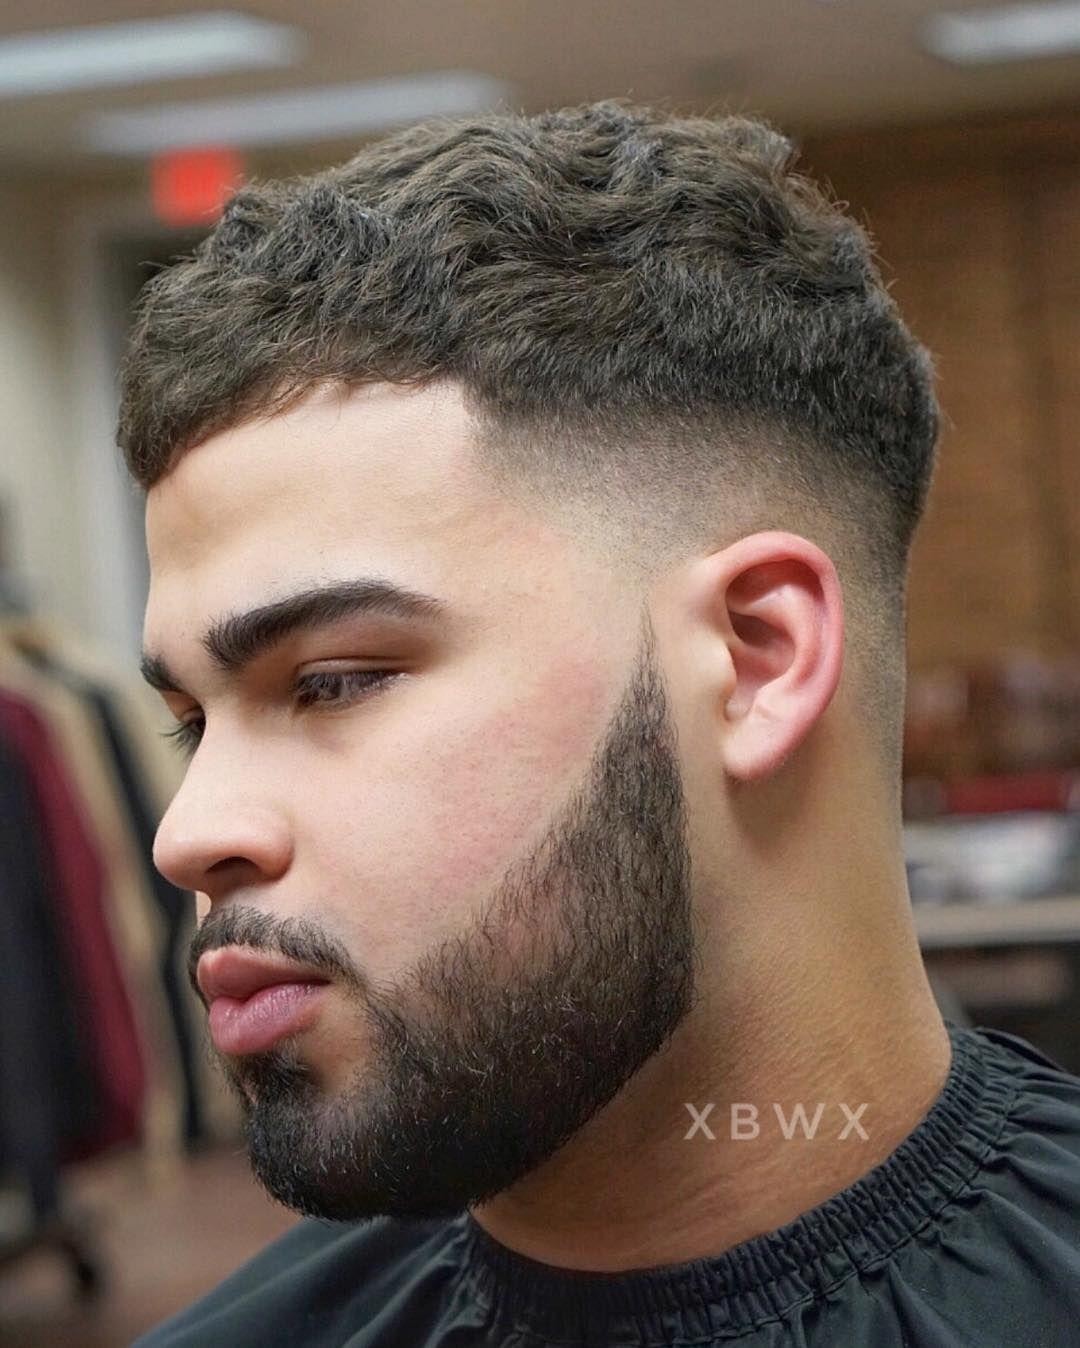 Arten Von Fade Haarschnitte Frisur Frisuren Mid Fade Haircut Fade Haircut Types Of Fade Haircut